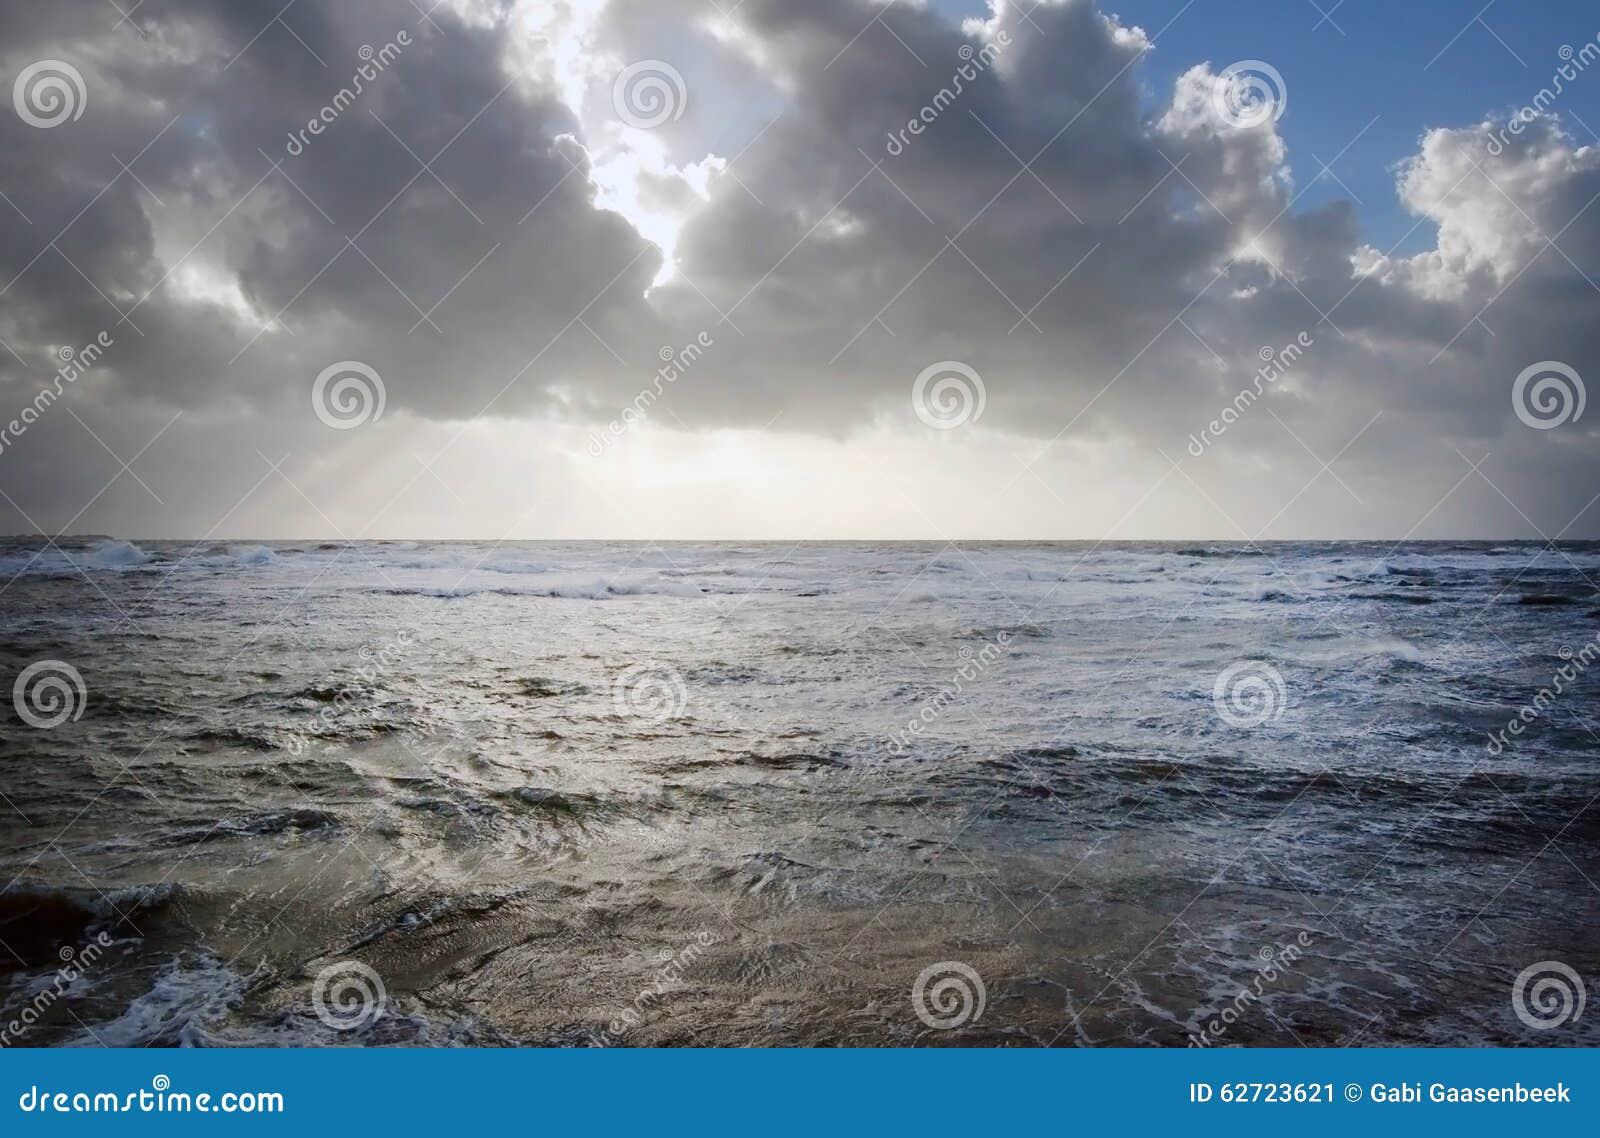 Γαλλική ακροθαλασσιά με τα σκοτεινά σύννεφα και τα κύματα